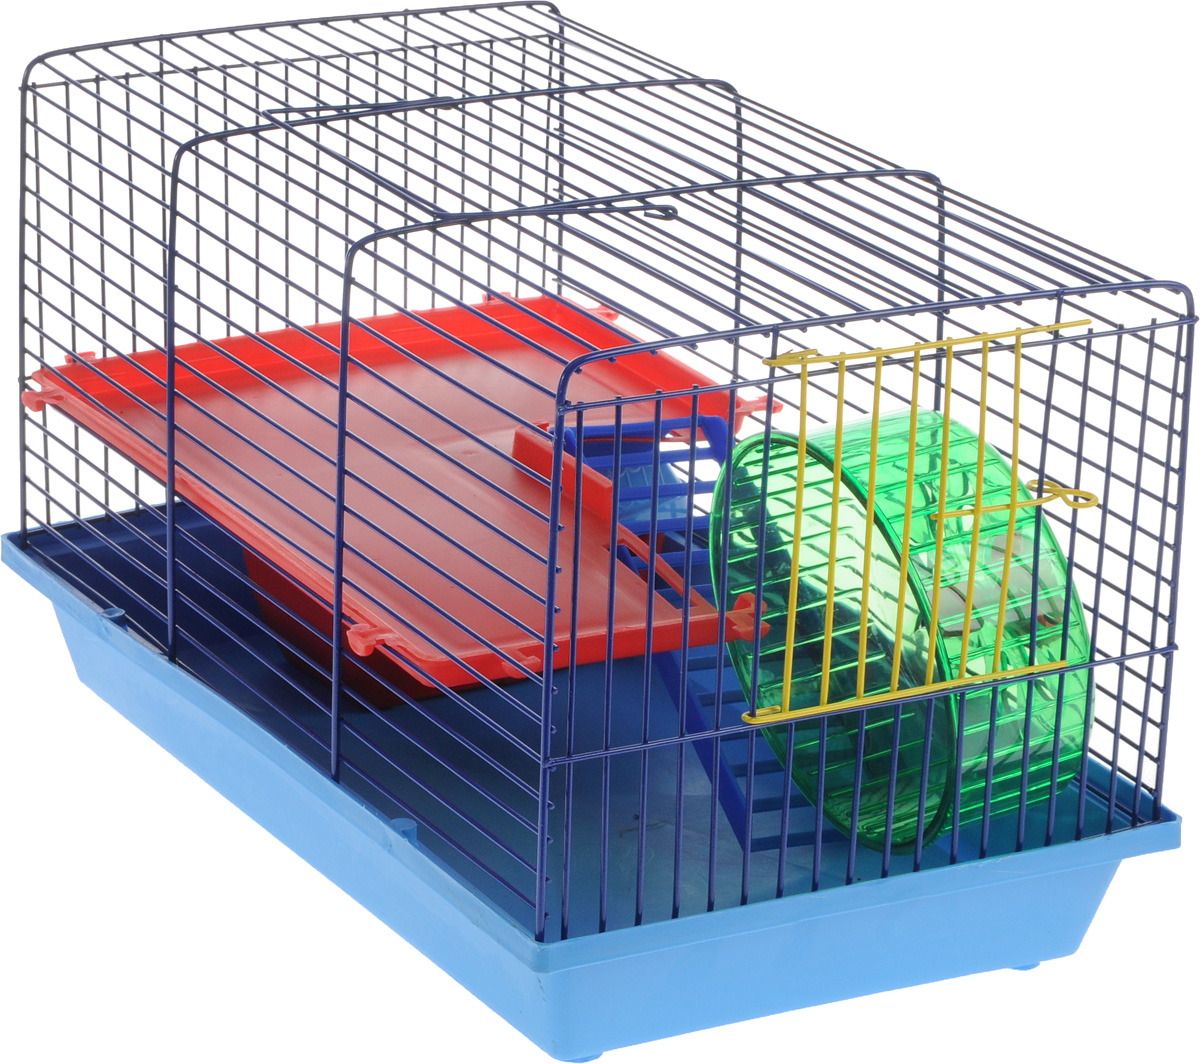 Клетка для грызунов ЗооМарк, 2-этажная, цвет: синий поддон, синяя решетка, красный этаж, 36 х 23 х 24 см0120710Клетка ЗооМарк, выполненная из пластика и металла, предназначена для мелких грызунов. Изделие двухэтажное, оборудовано колесом для подвижных игр и пластиковым домиком. Клетка имеет яркий поддон, удобна в использовании и легко чистится. Сверху имеется ручка для переноски. Такая клетка станет уединенным личным пространством и уютным домиком для маленького грызуна.